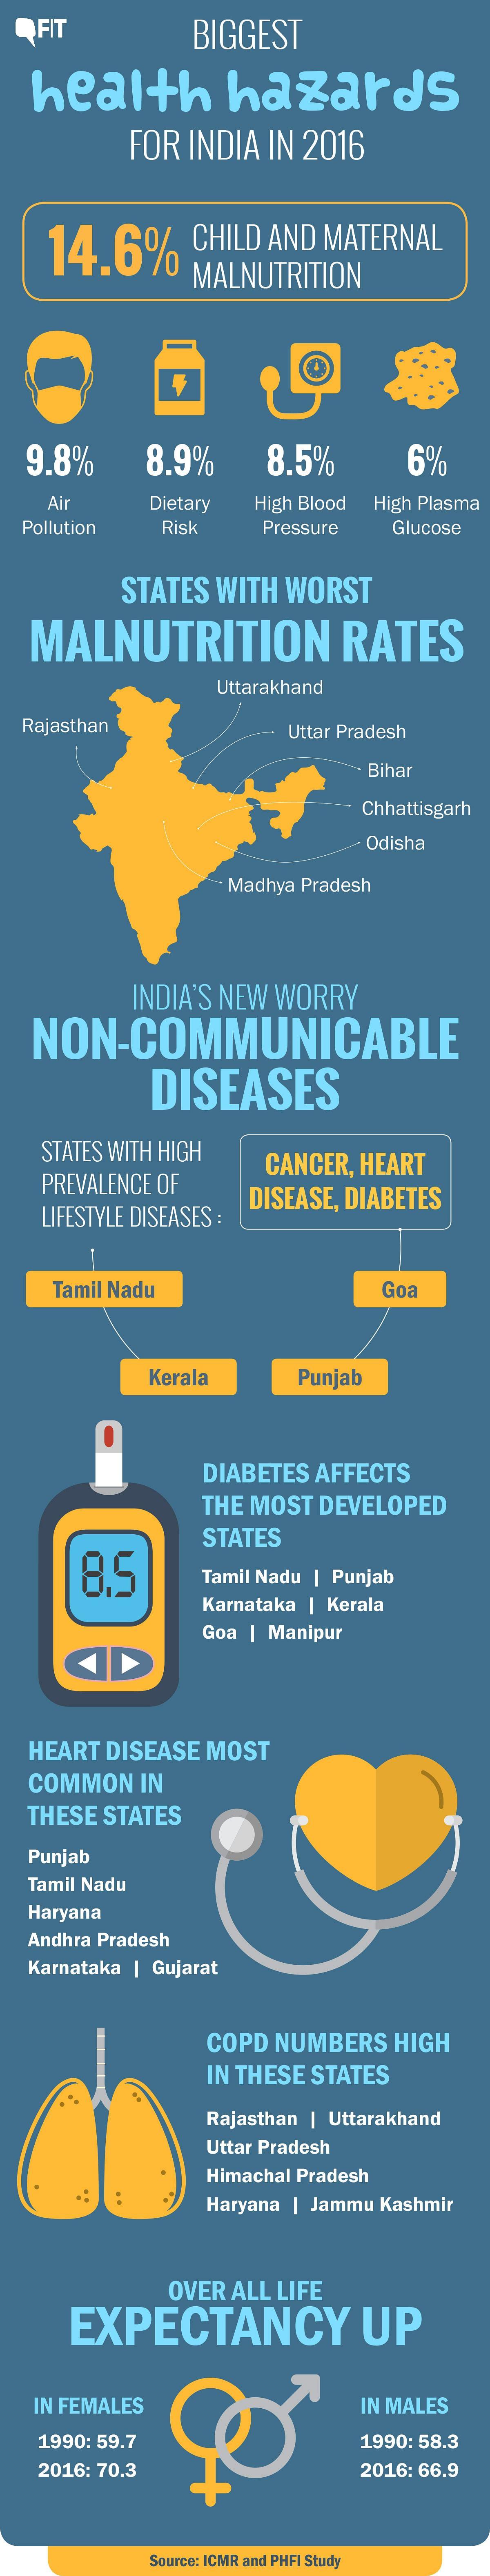 Diabetes, Cancer, COPD Form India's Lifestyle Disease Burden